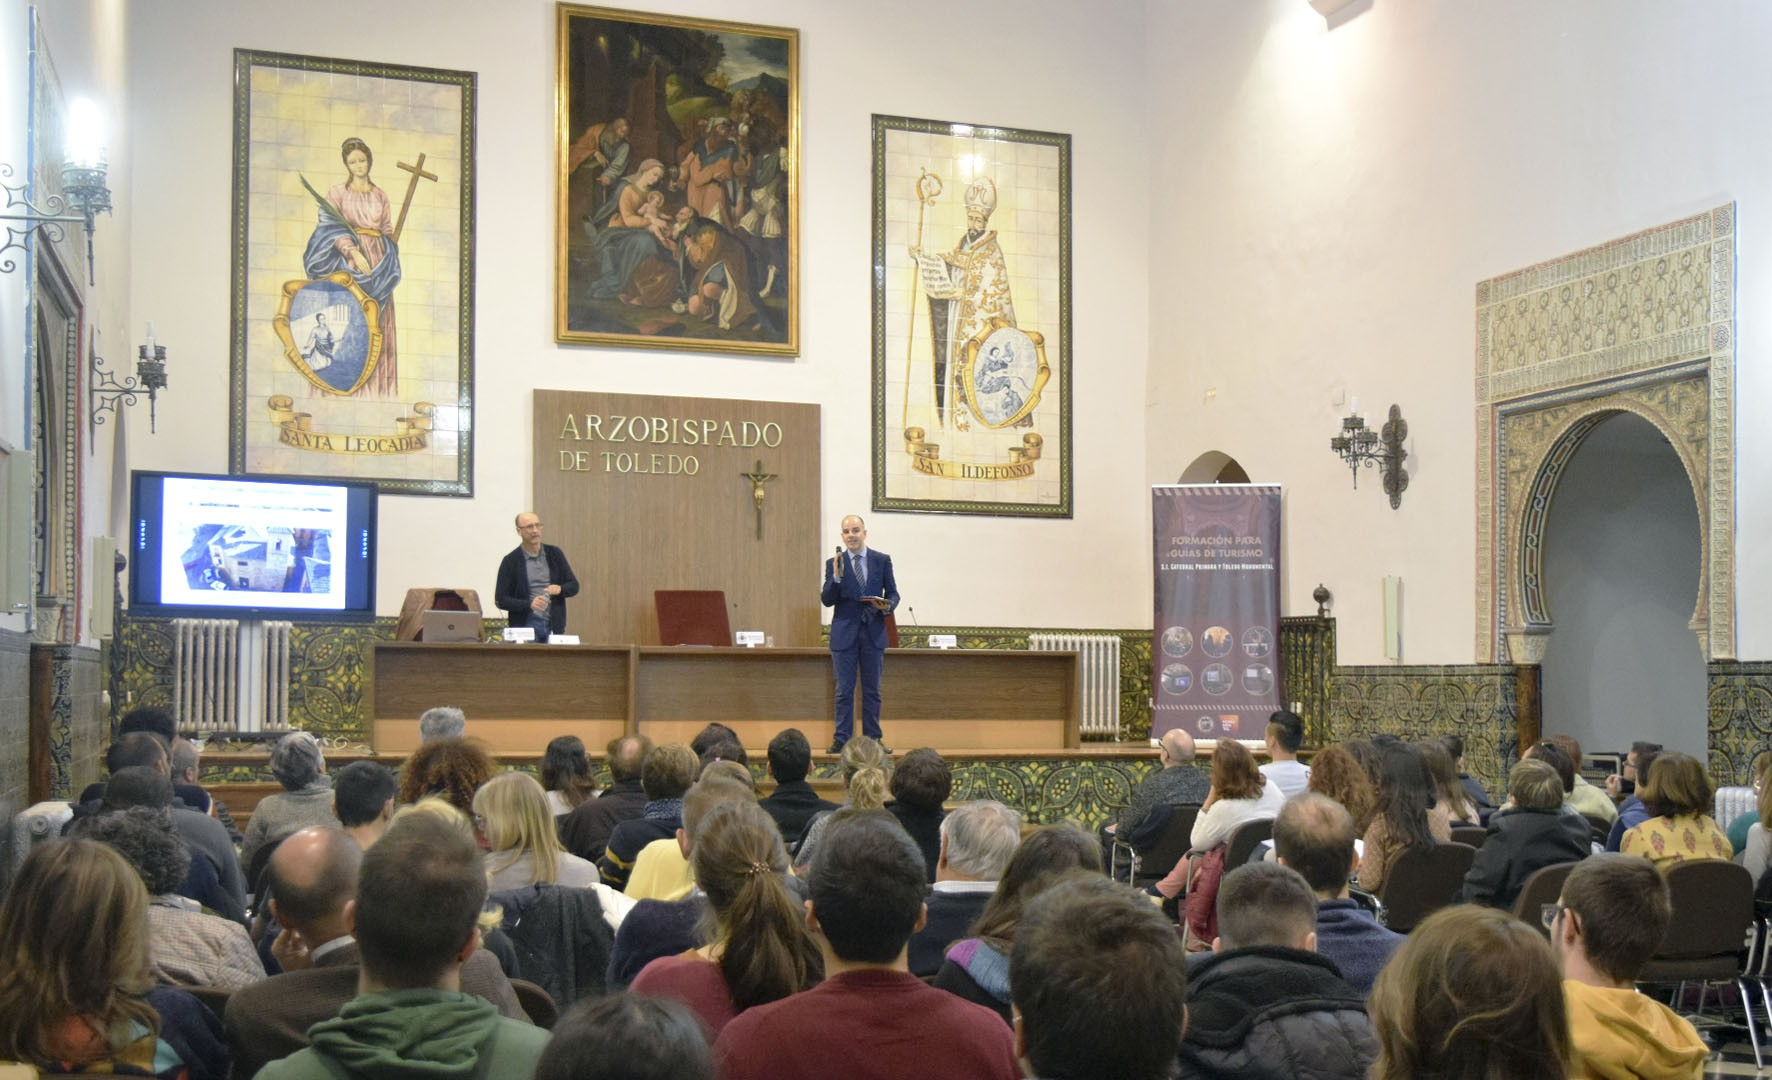 Curso de guías de turismo - Proyectos Culturales, gestión del patrimonio cultural, gestión técnica de proyectos, actividades y formación